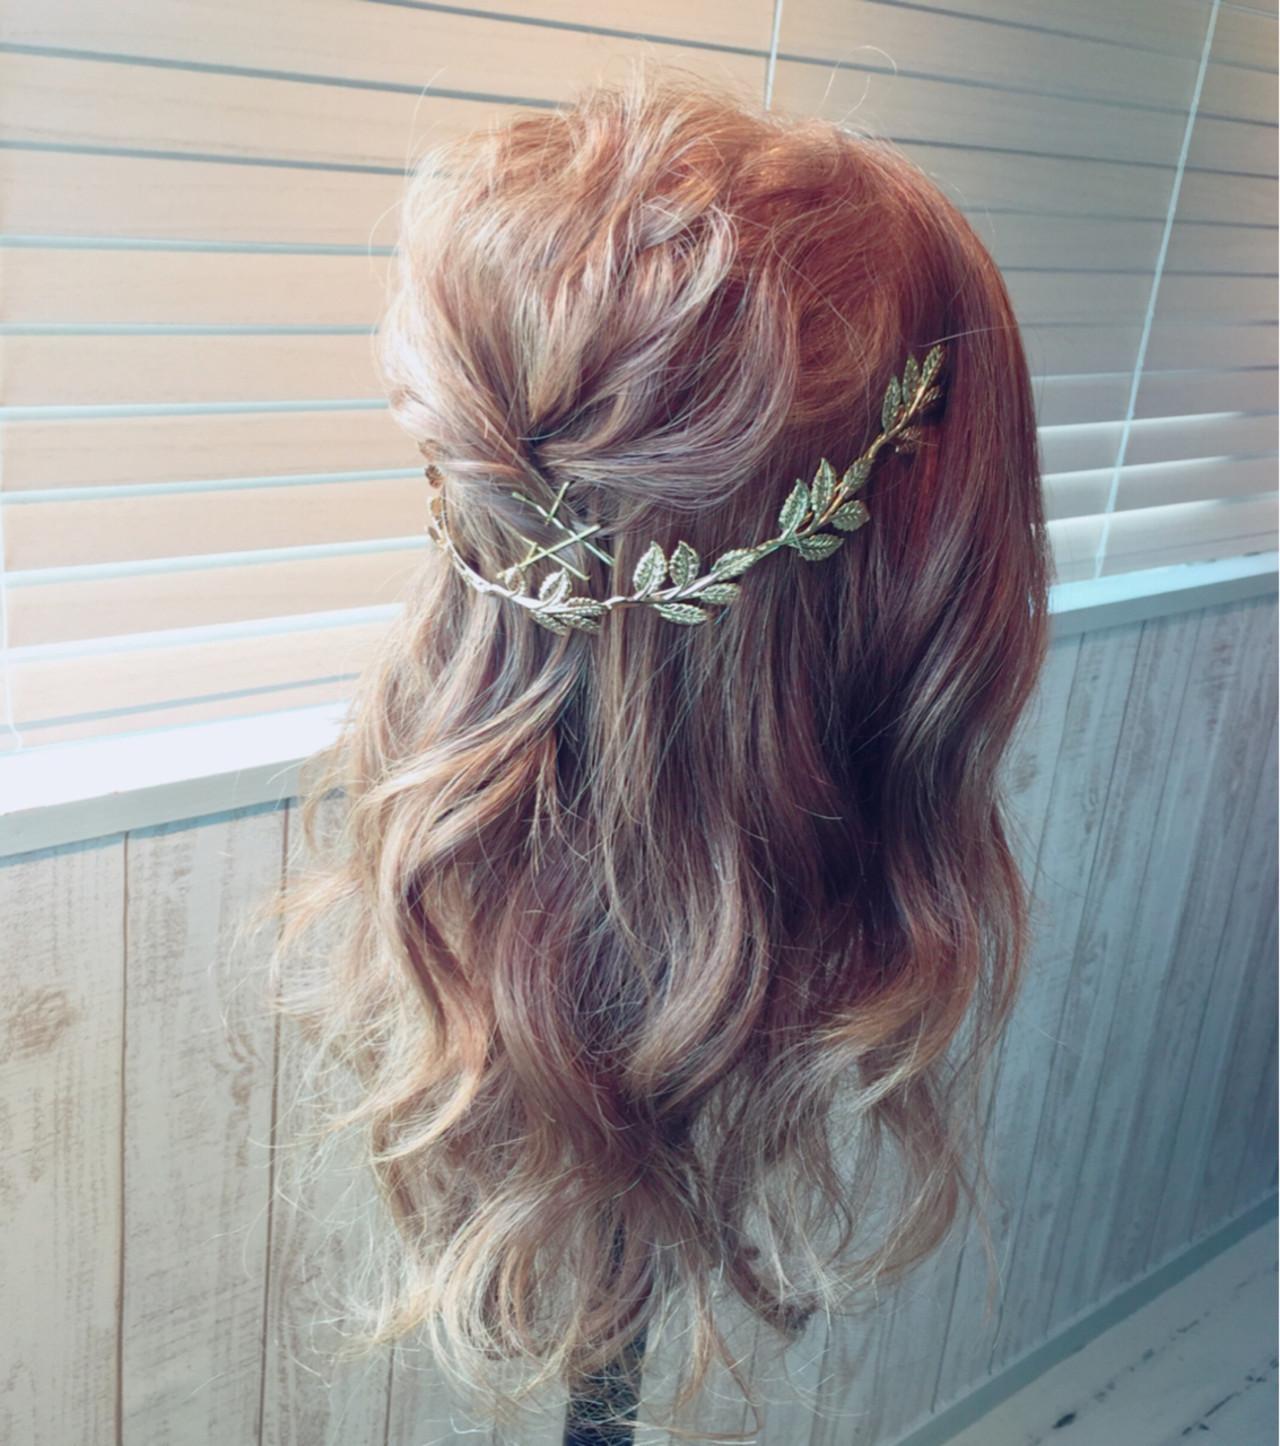 セミロング 愛され ヘアアクセ 簡単ヘアアレンジ ヘアスタイルや髪型の写真・画像